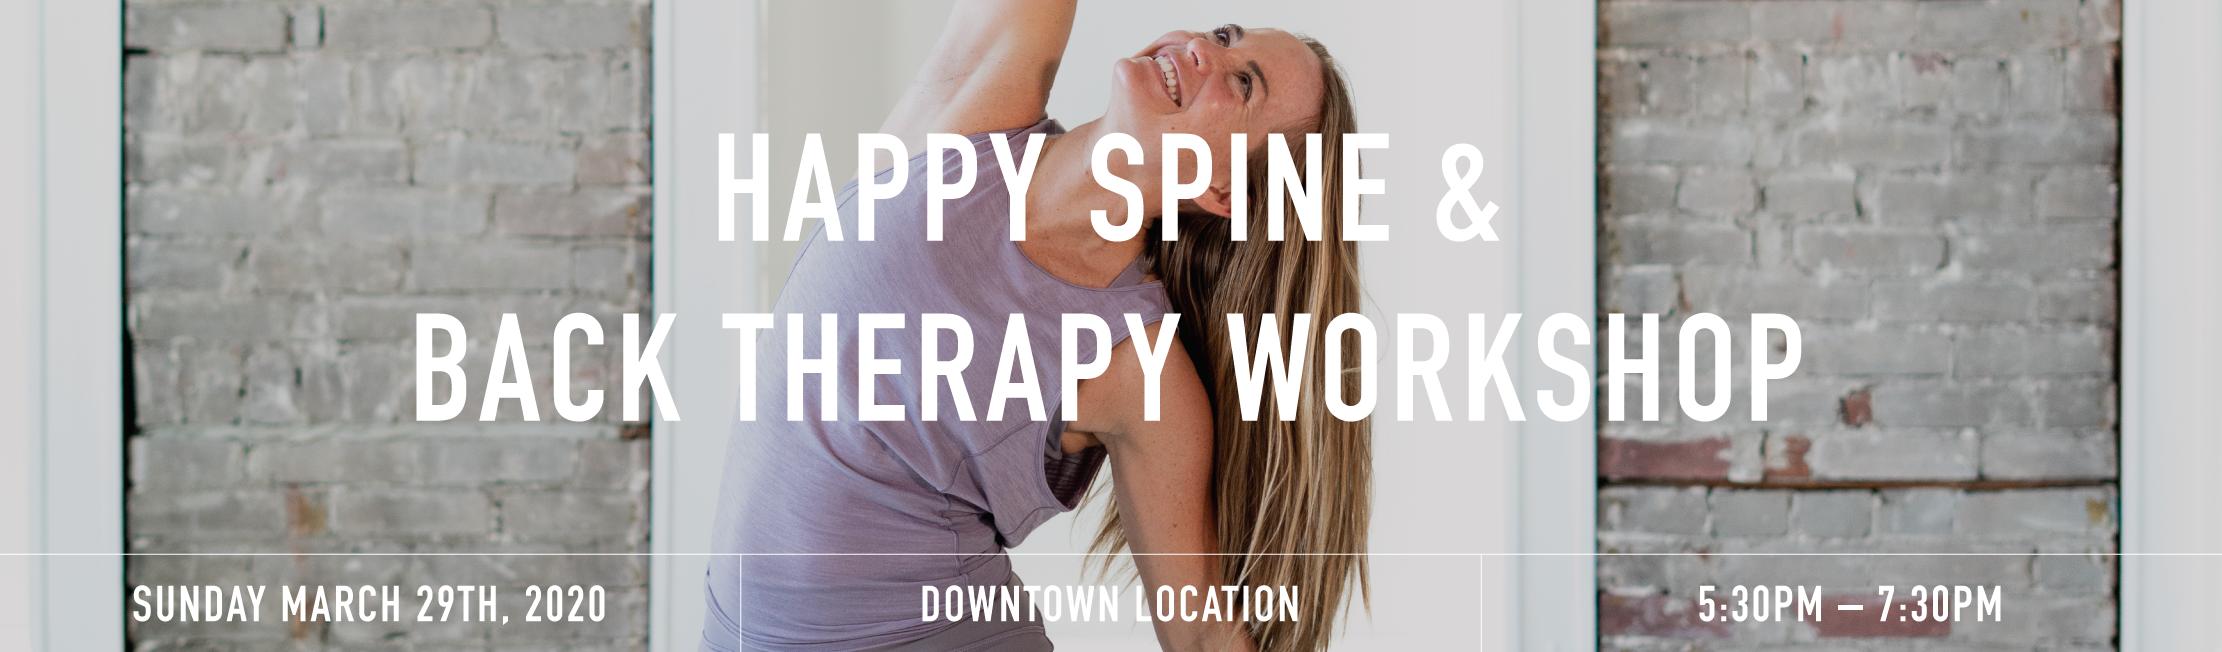 Happy spine banner